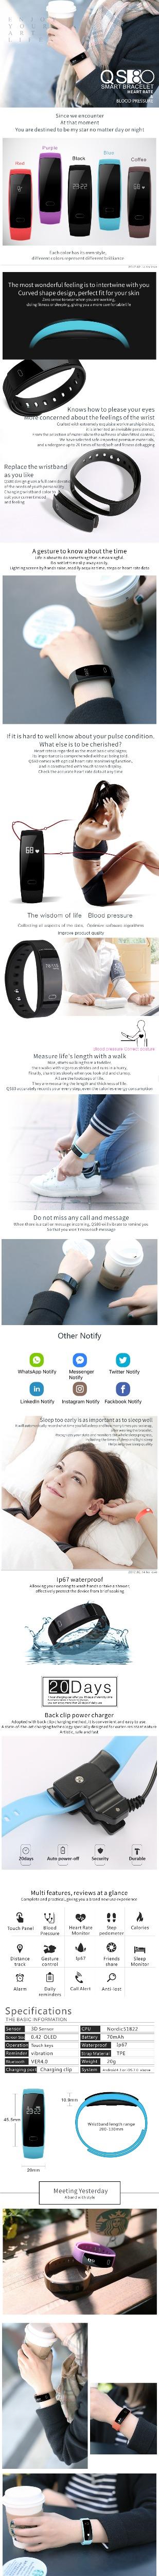 ①Smartch QS80 wristband soporte distancia calorías pista gesto ...